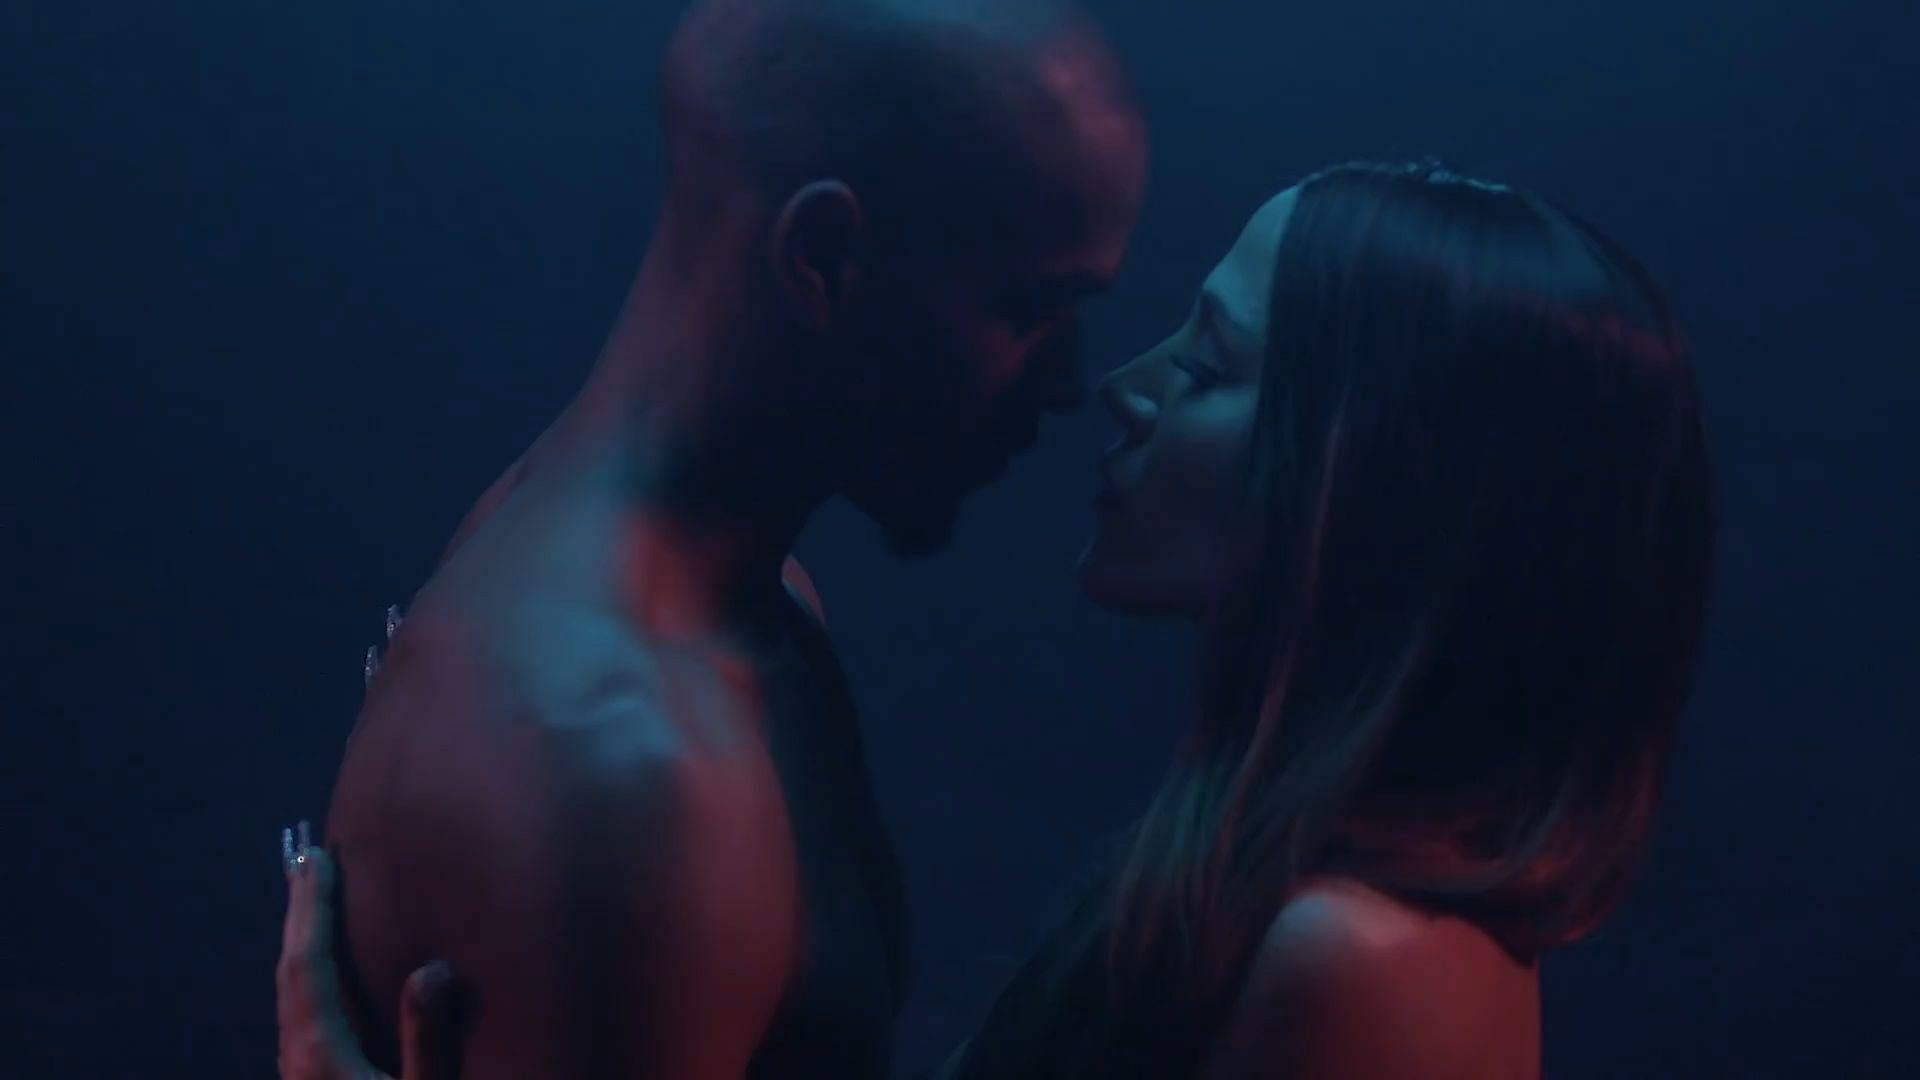 La artista ya presentó cuatro videos musicales en este 2019